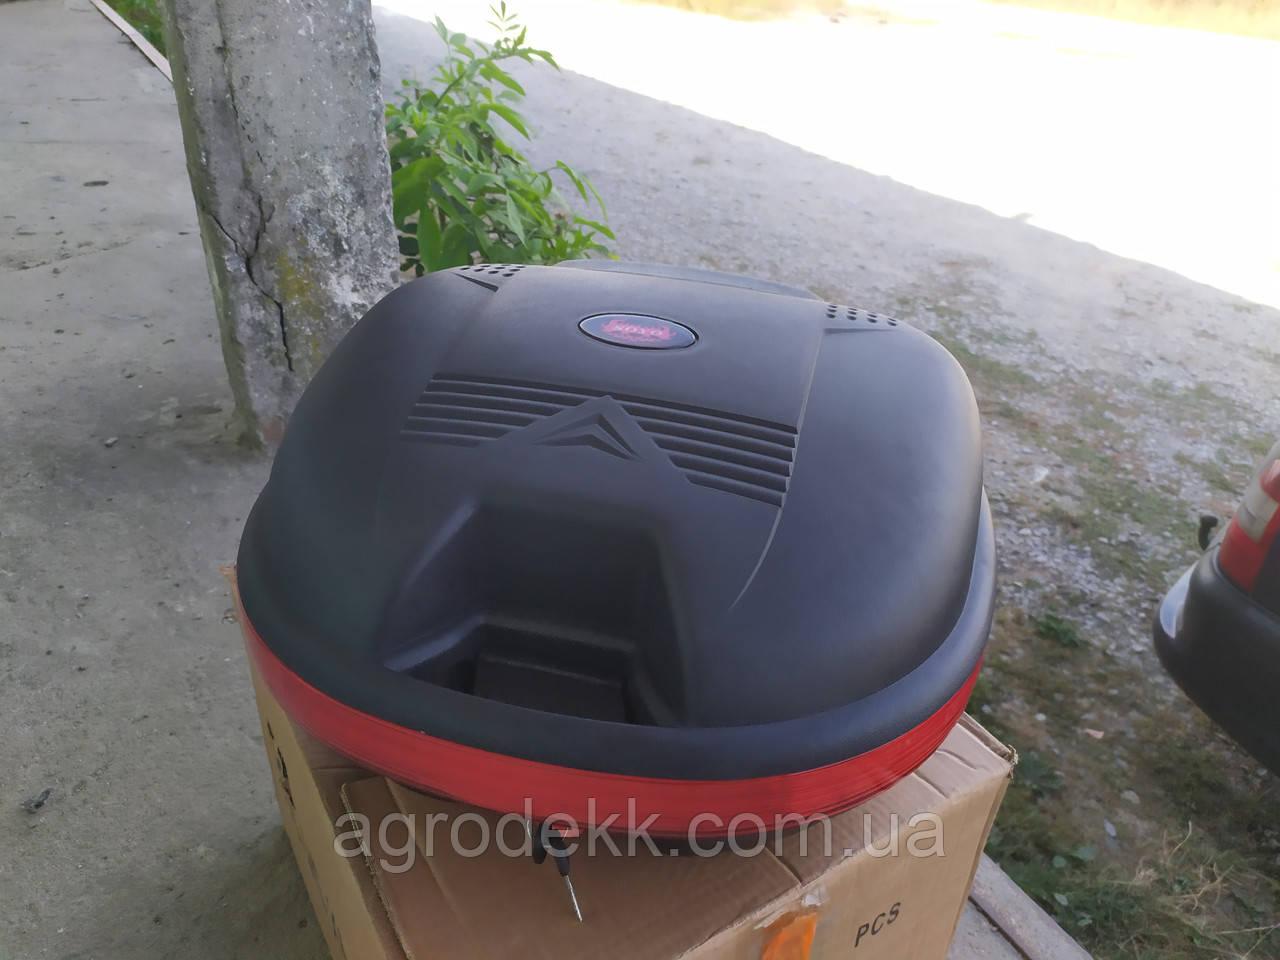 Кофр черный матовый со спинкой на один шлем